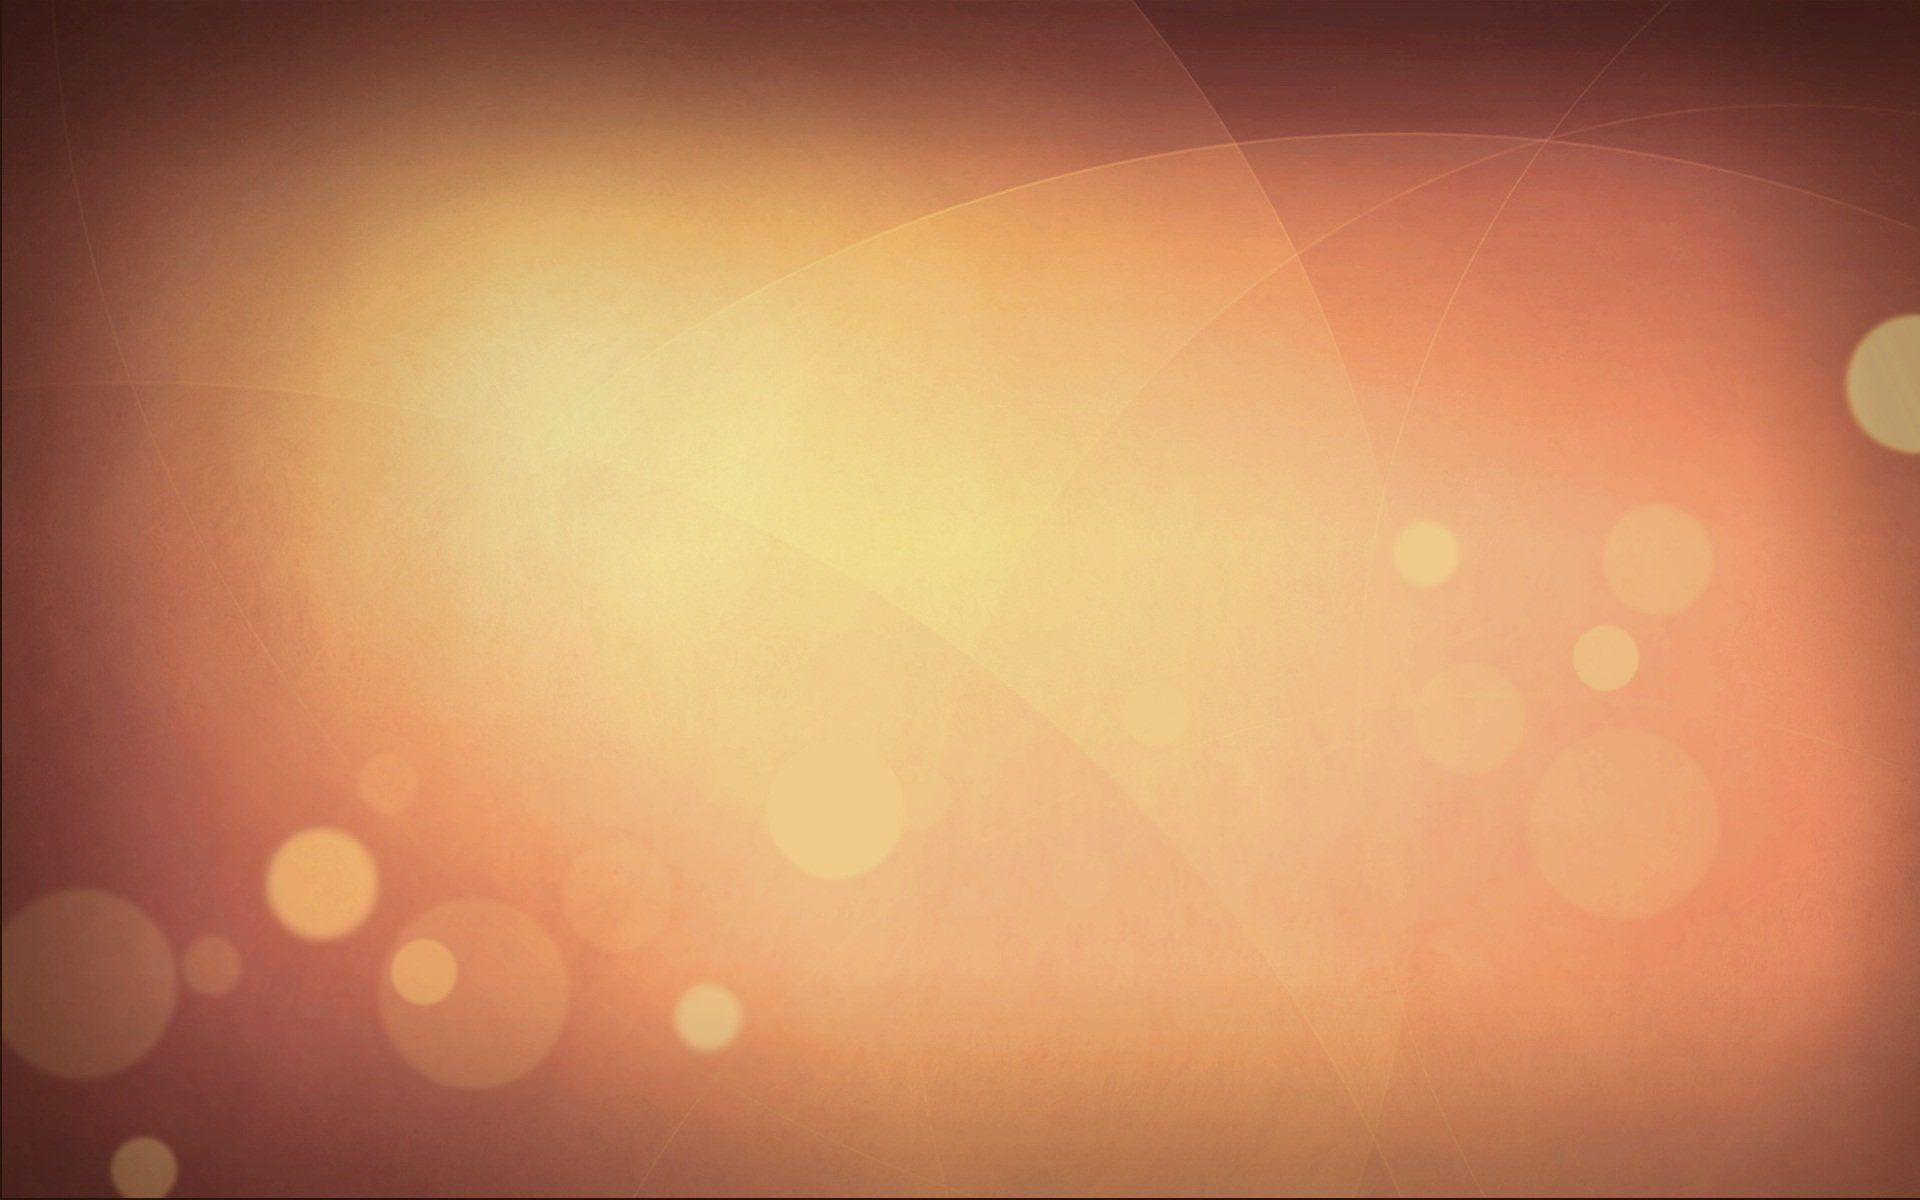 Nuevos fondos de escritorio para ubuntu muylinux for Fondo de pantalla ubuntu